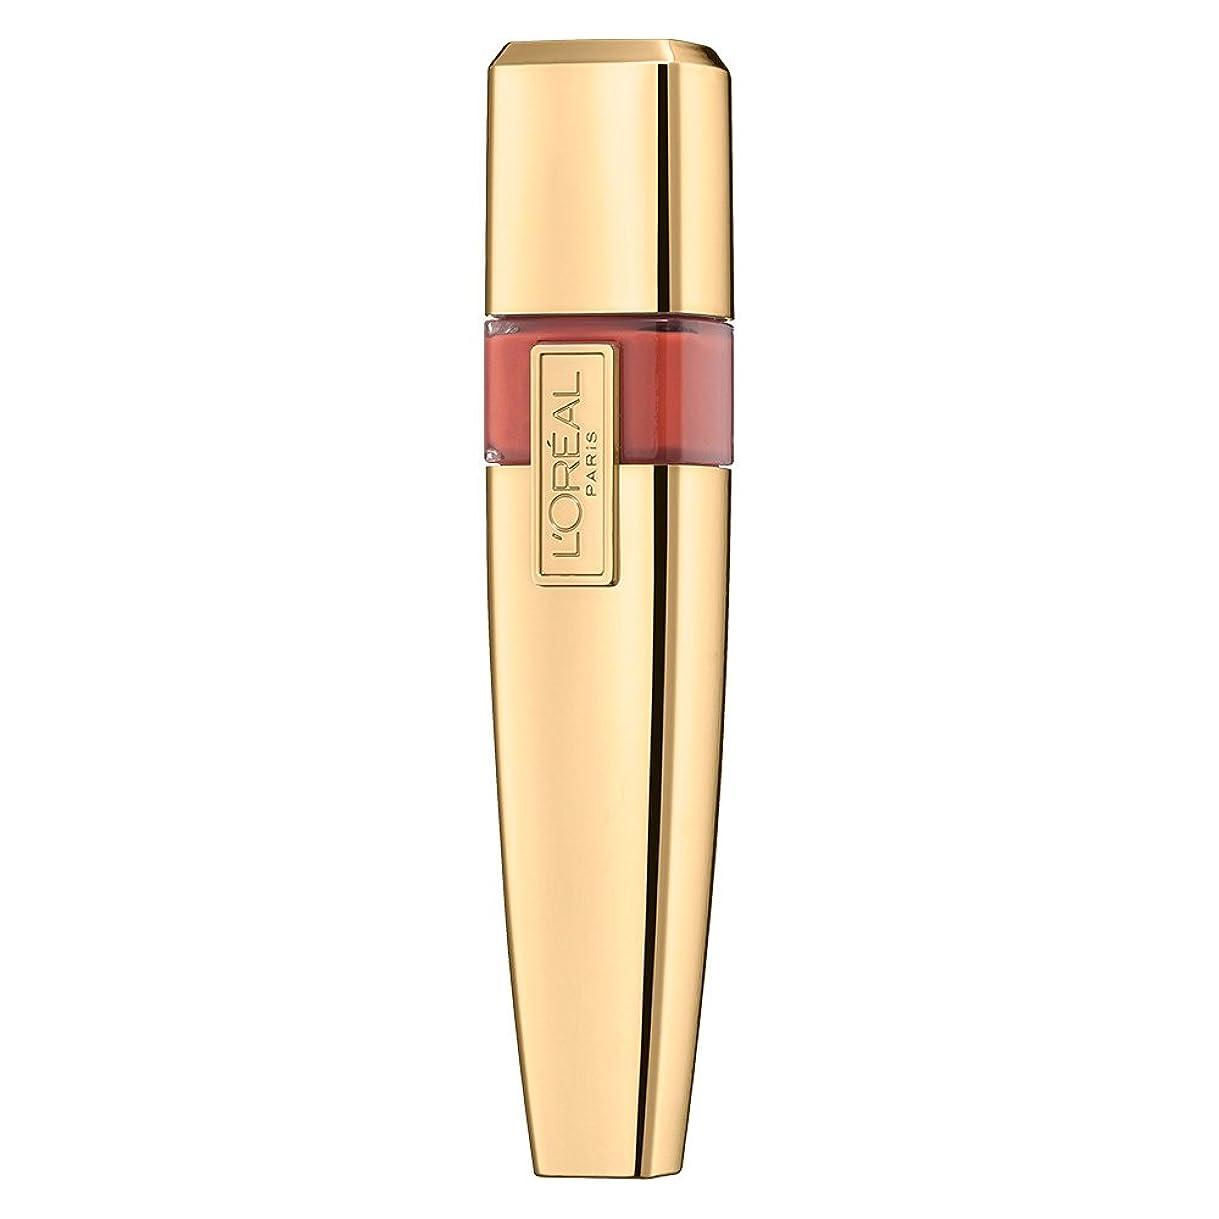 フィルタ残酷な消費L'Oréal Paris Lippenstift Shine Caresse 501 Bonnie, 3er Pack (1 x 6 ml)